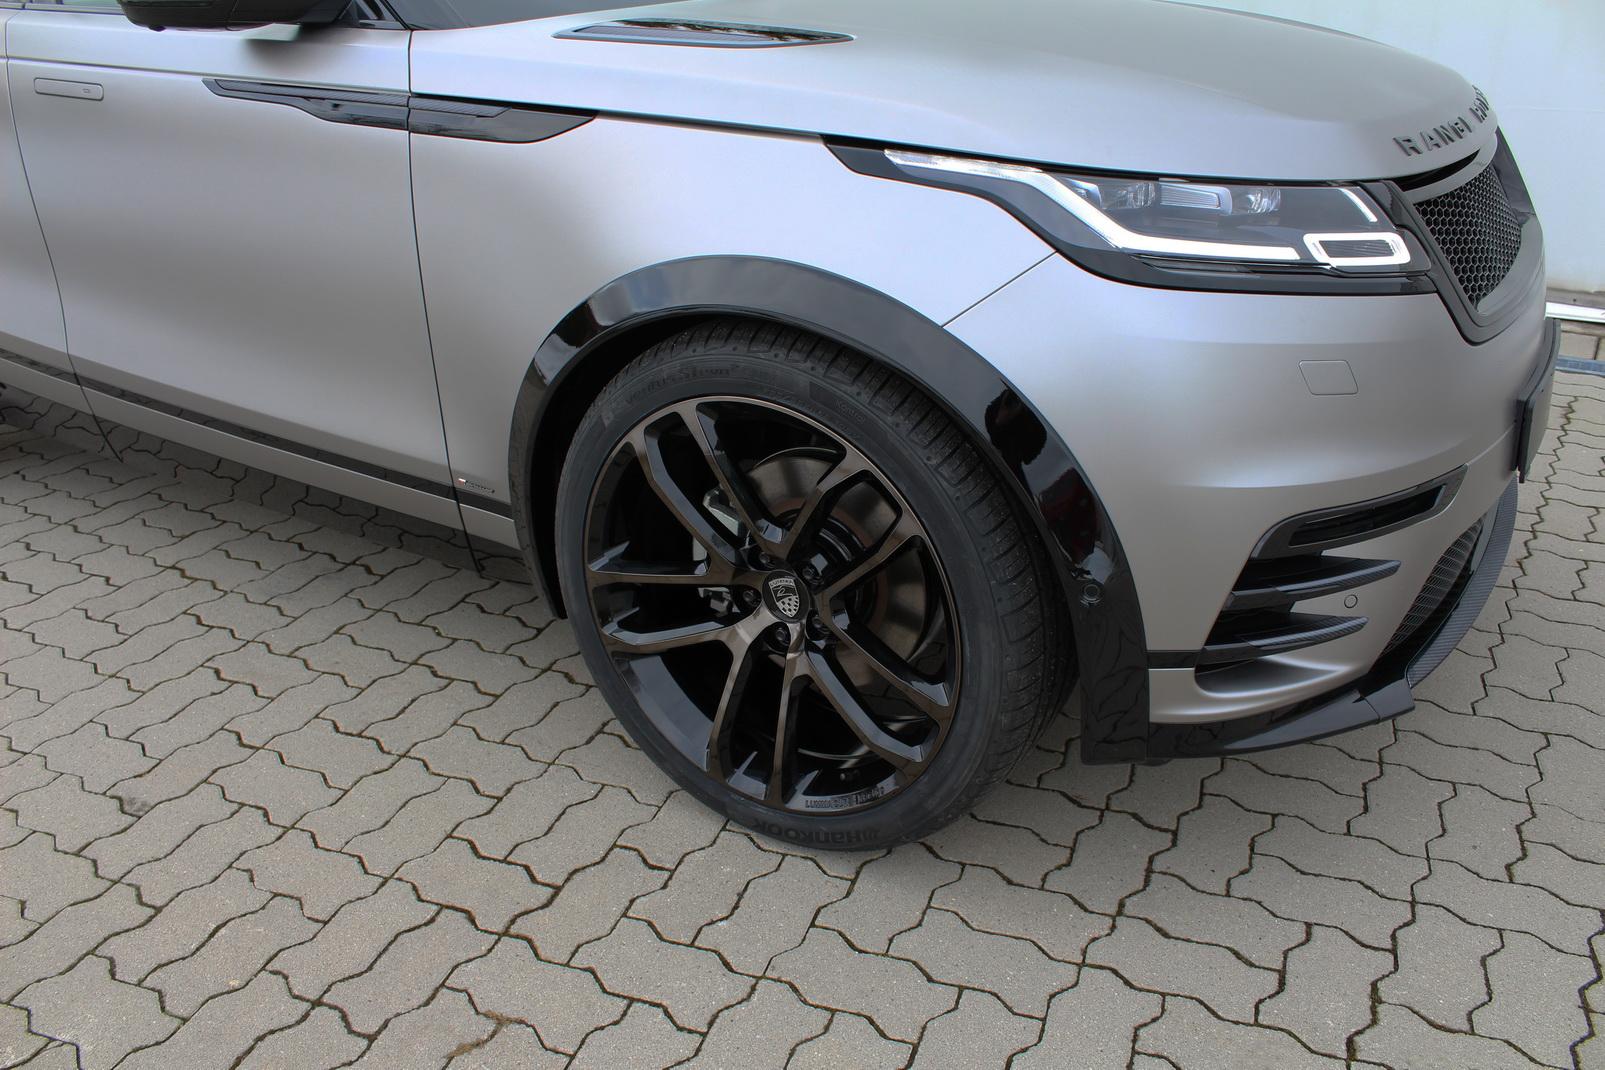 Range-Rover_Velar_Lumma_Design_0003